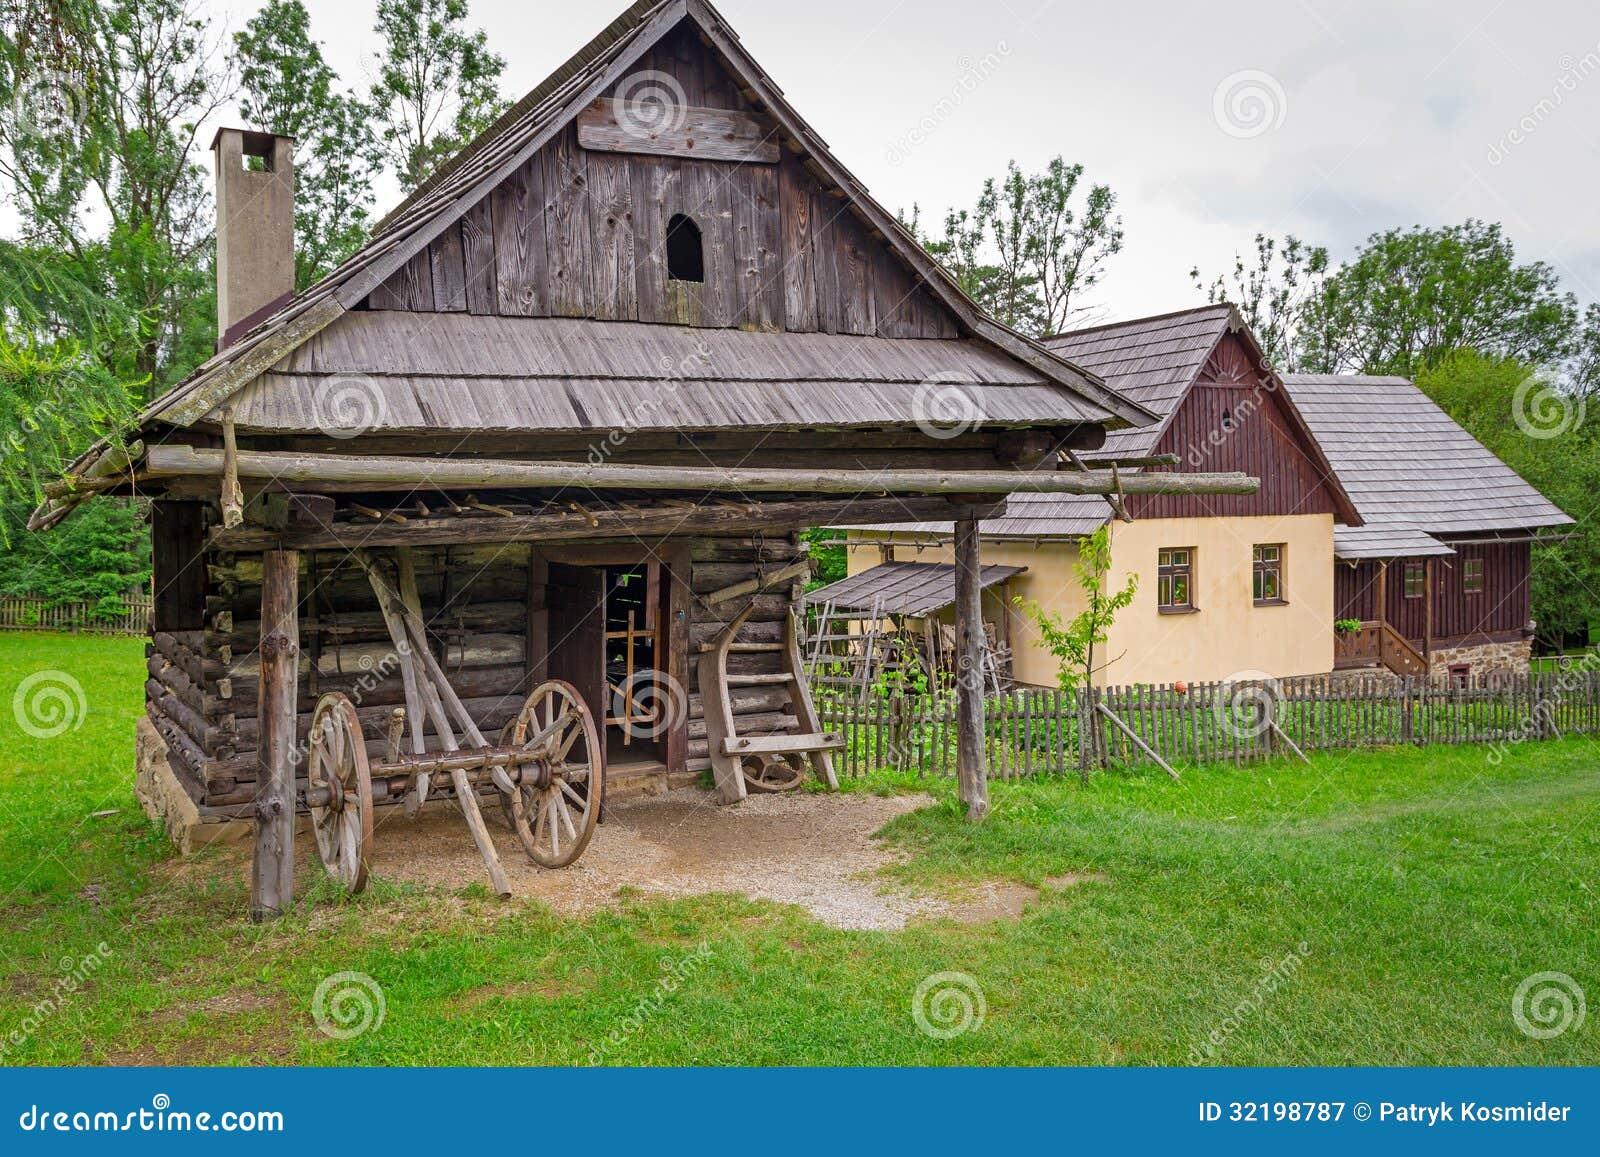 Villaggio tradizionale con le case di legno in slovacchia for Casa in legno tradizionale